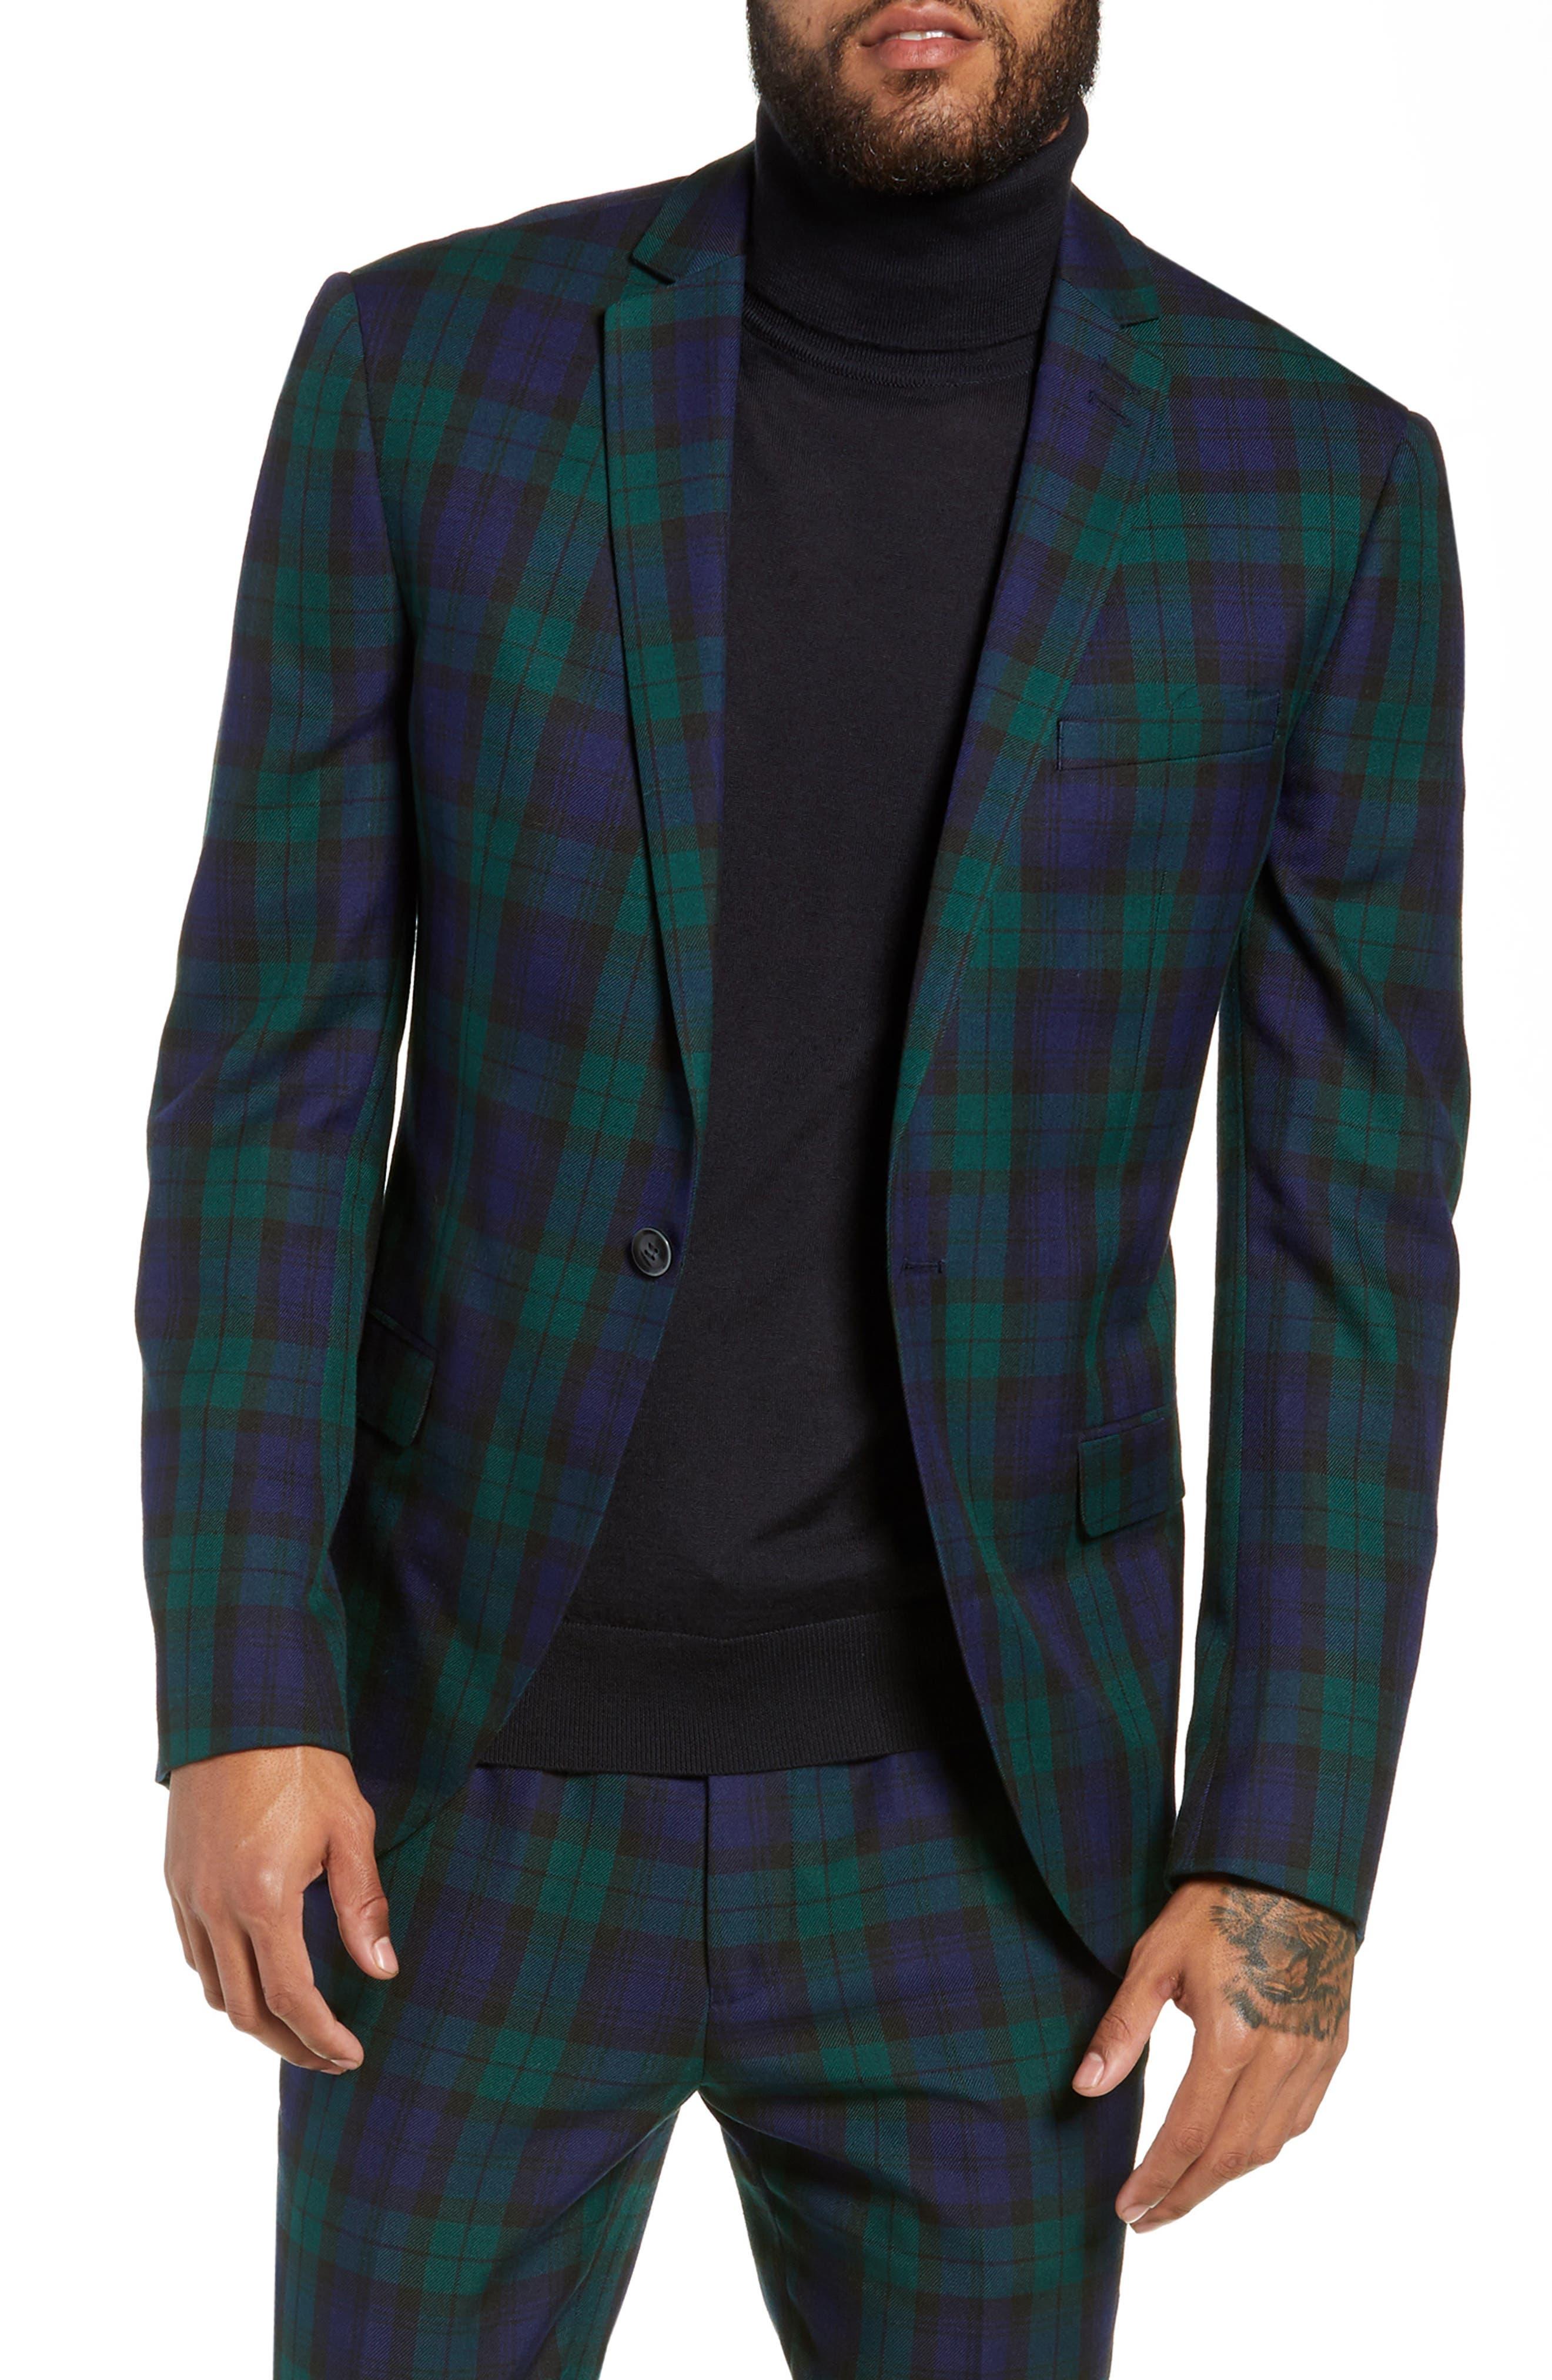 TOPMAN Plaid Slim Fit Suit Jacket in Navy Multi